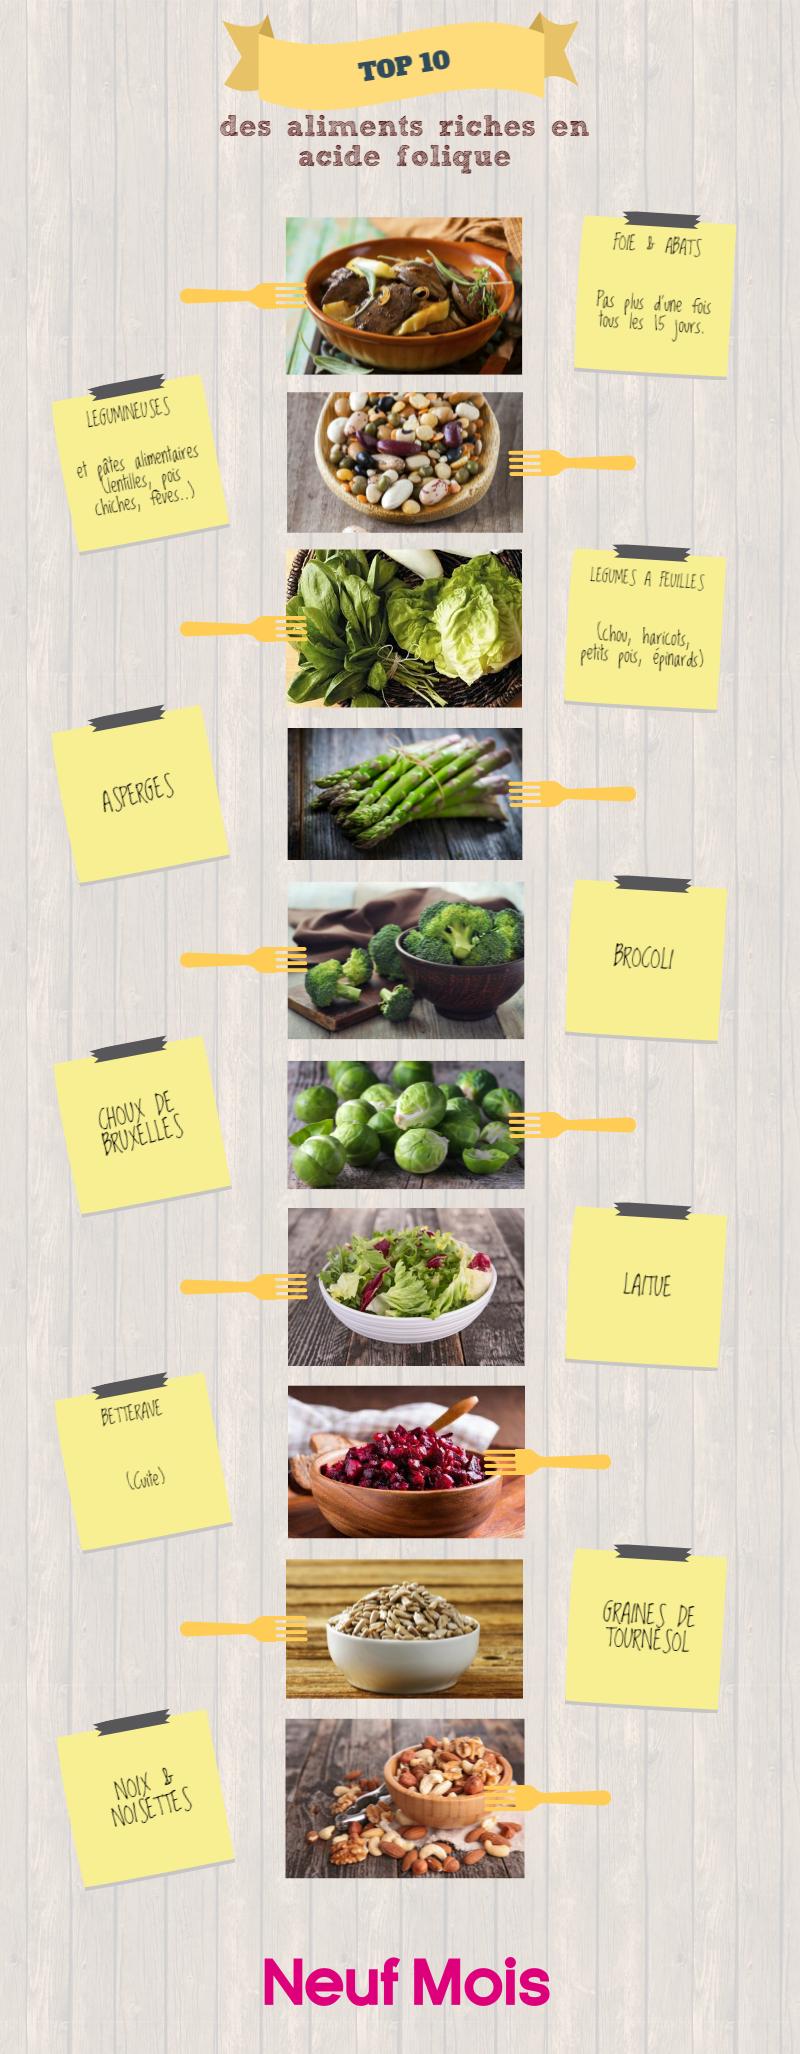 plan de repas de régime de grossesse premier trimestre